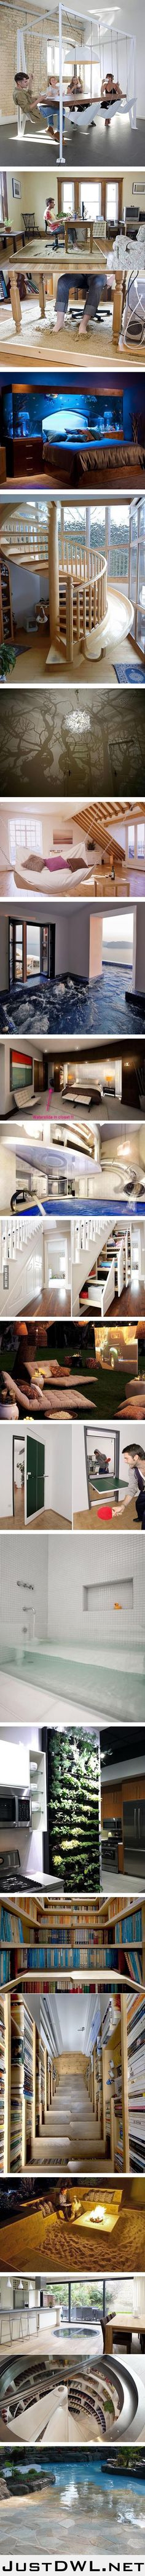 18 #Awesome #House #Ideas